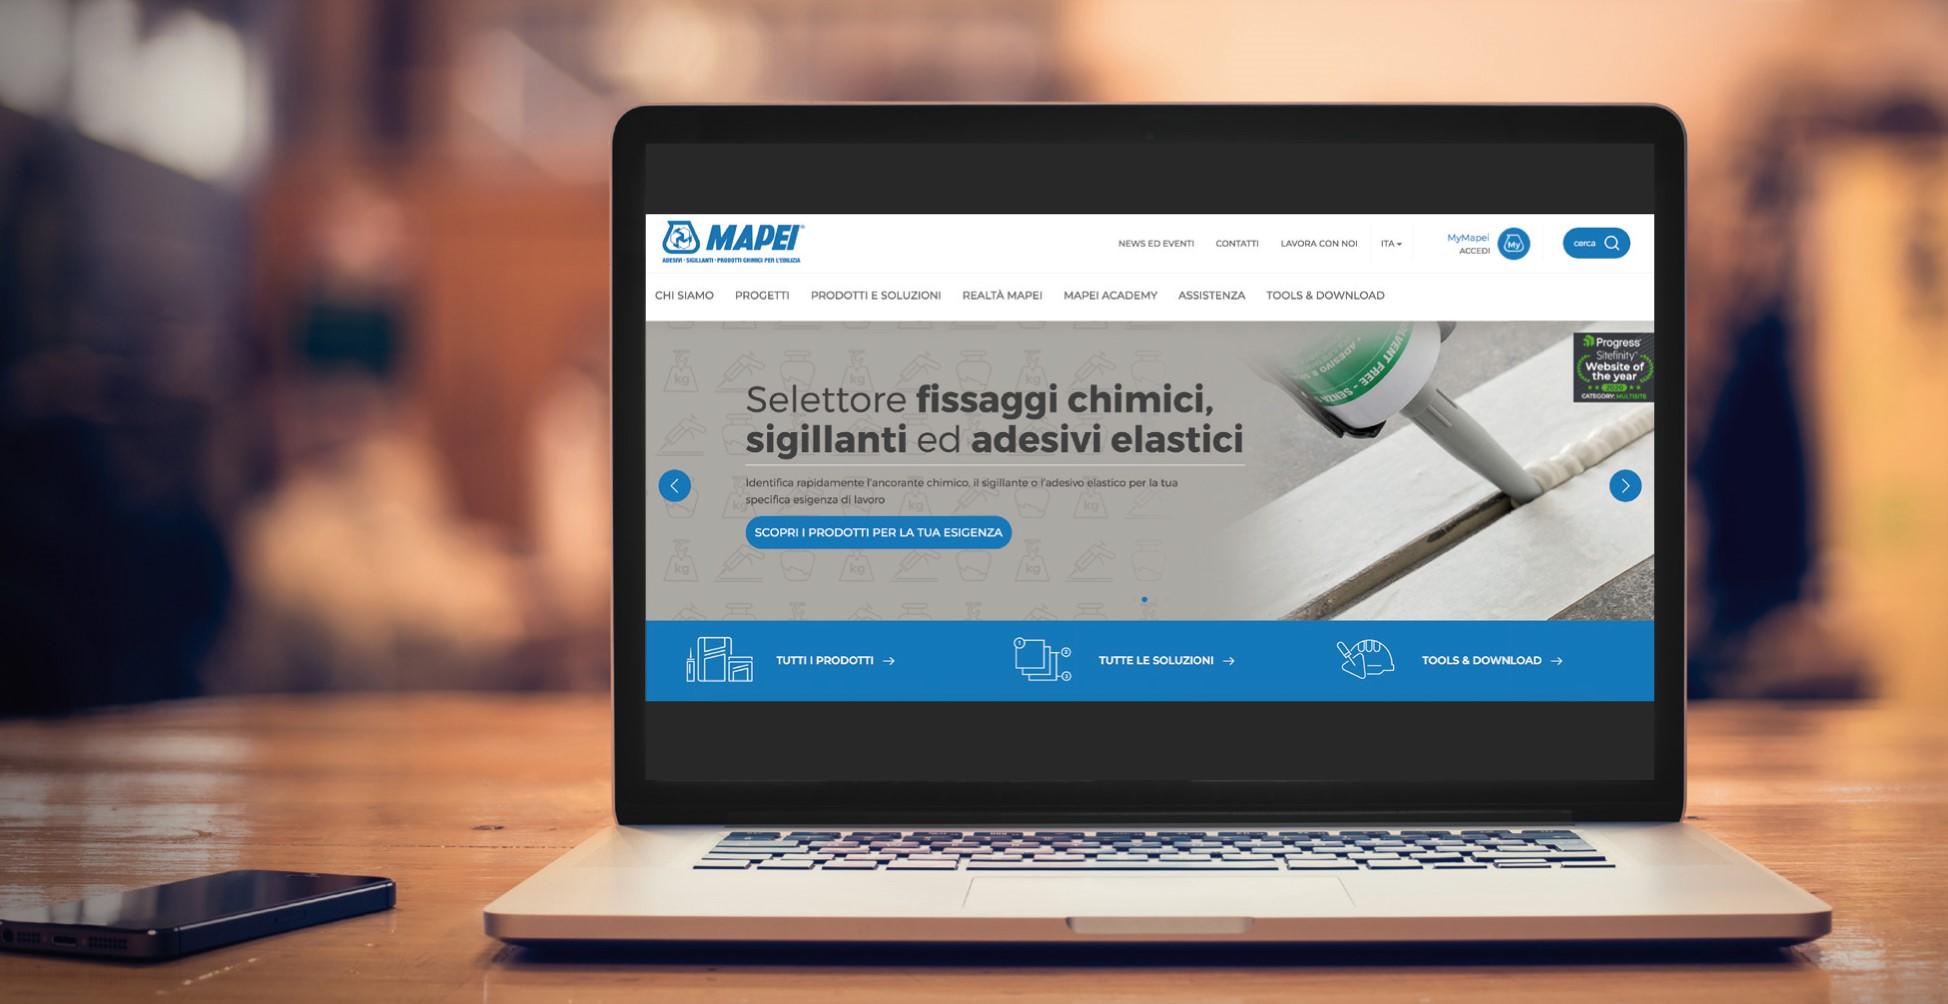 Selettore Sigillanti 2 - wizard Mapei - tool gratuito online per calcolare e scegliere sigillanti adesivi schiume poliuretaniche e fissaggi chimici